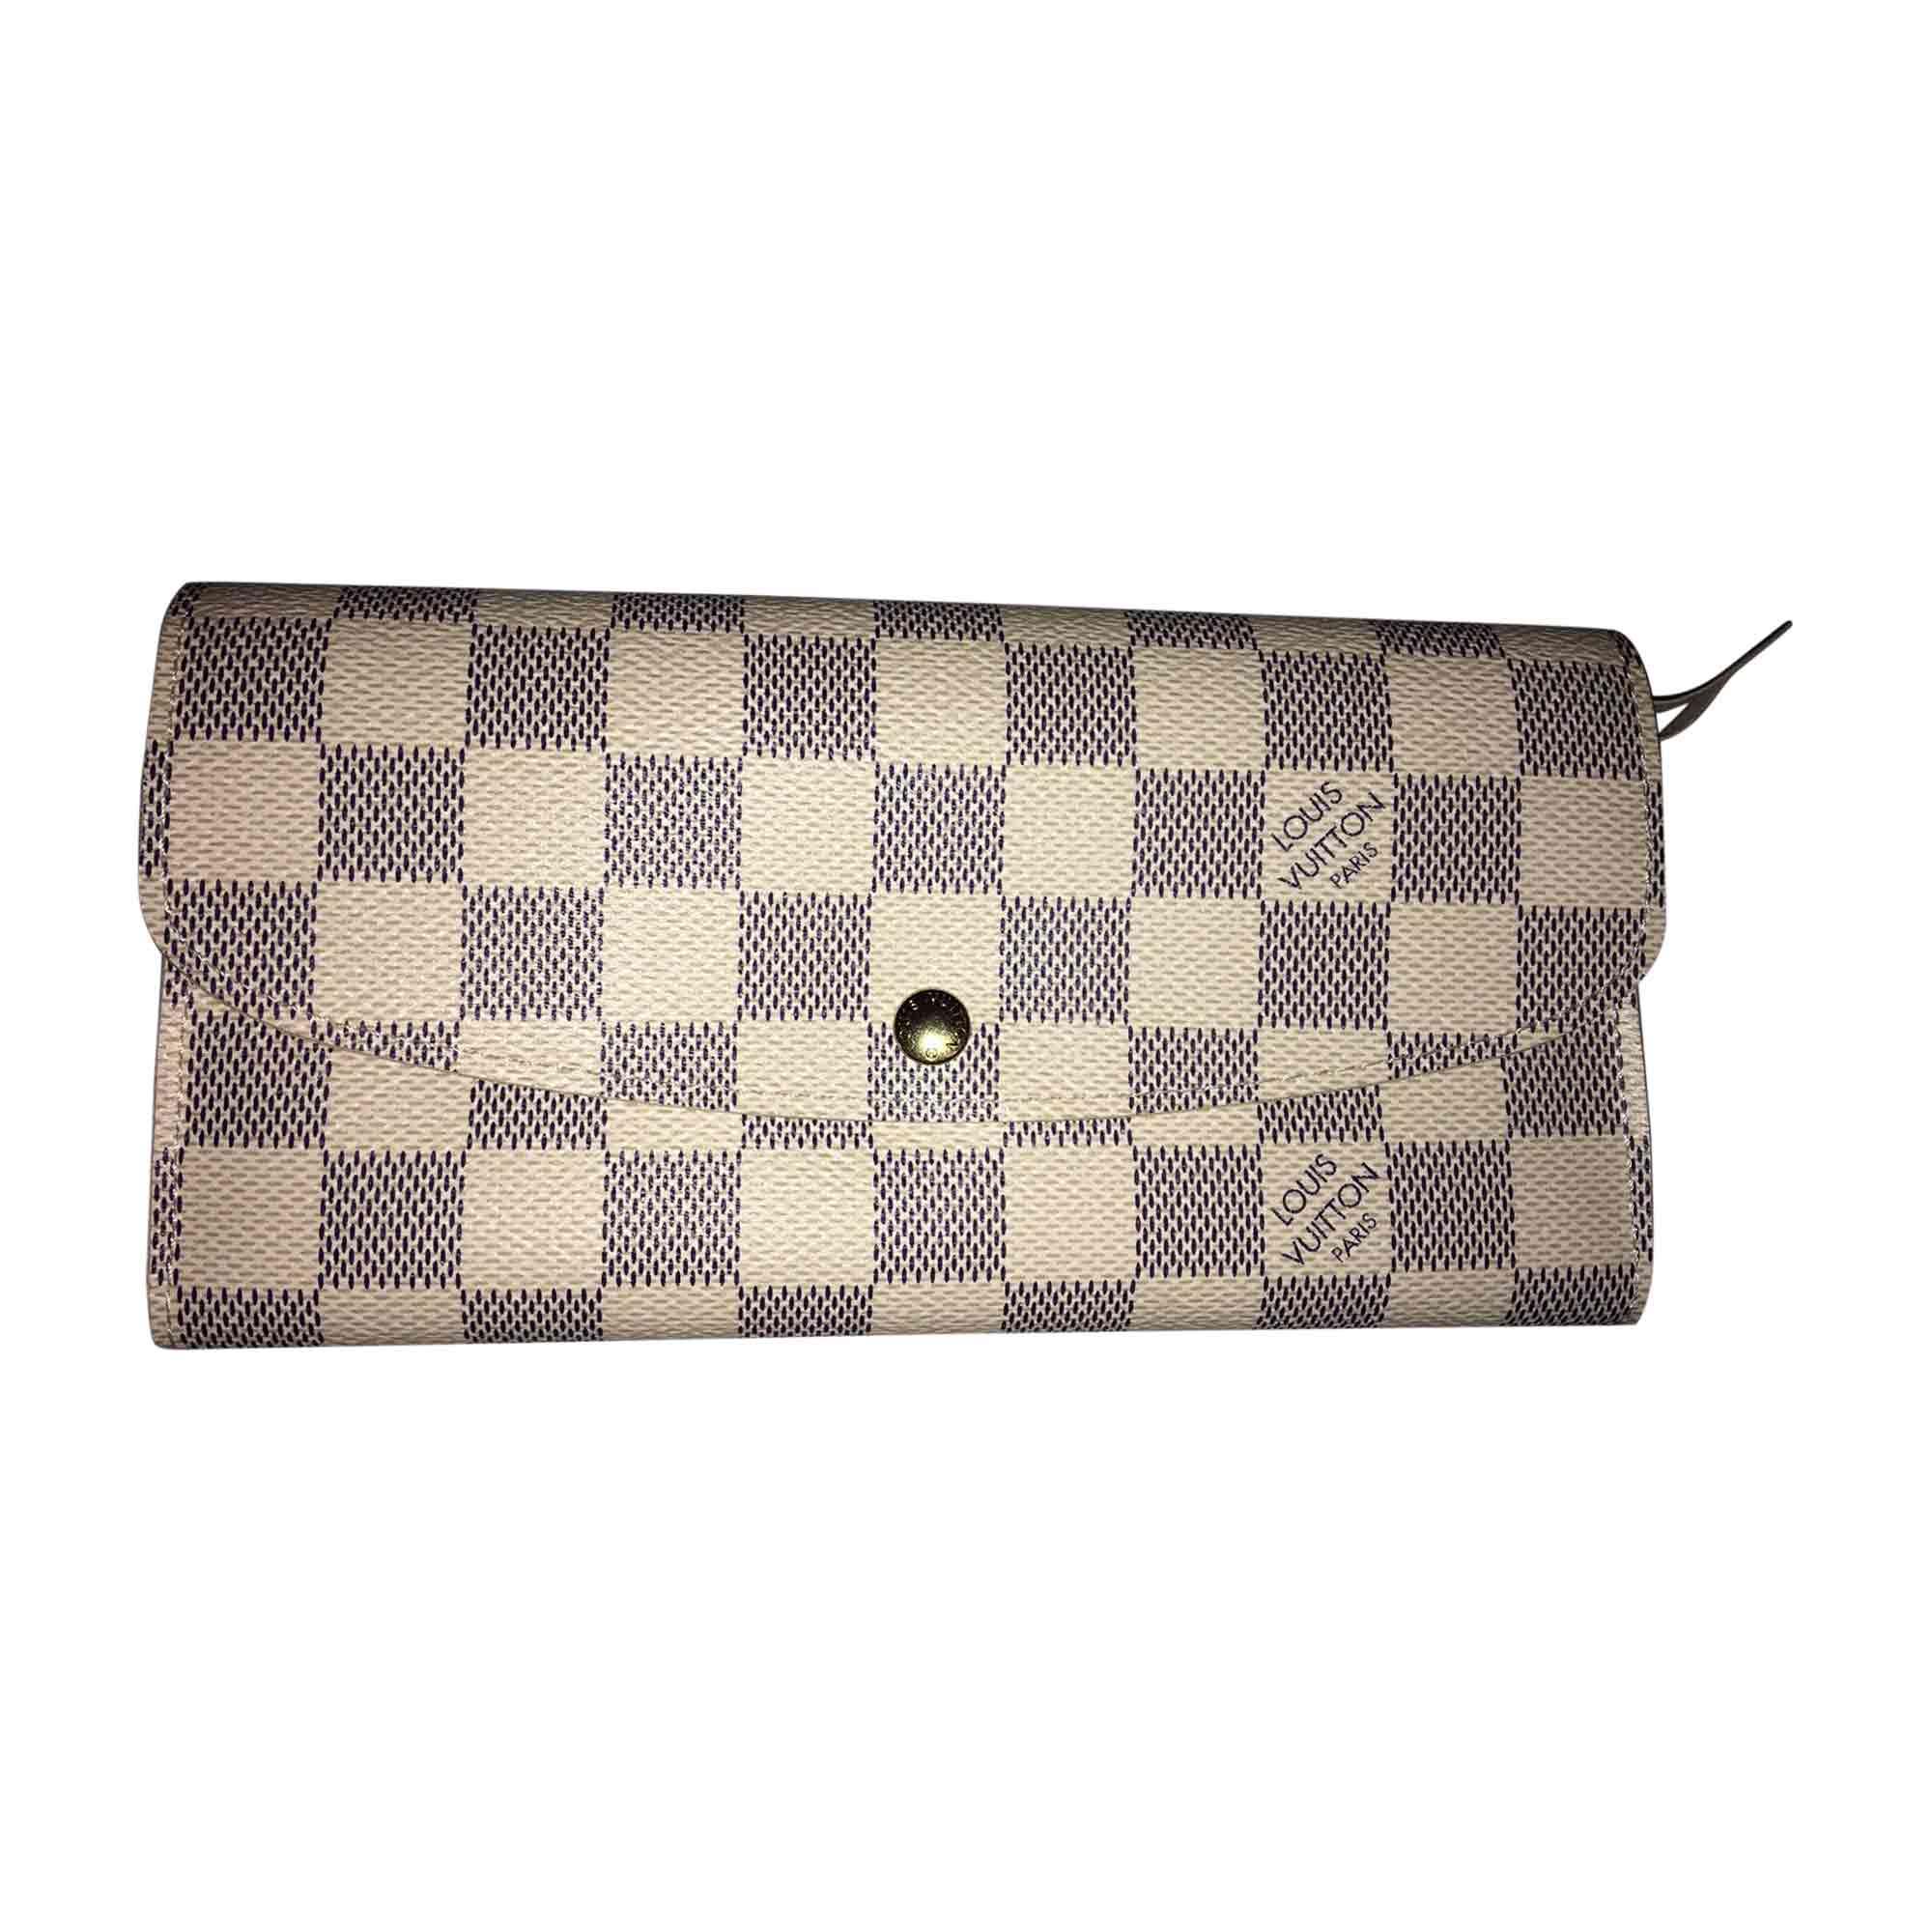 Portefeuille LOUIS VUITTON blanc vendu par Roxanne 07585829 - 8004378 0ace6725ce8